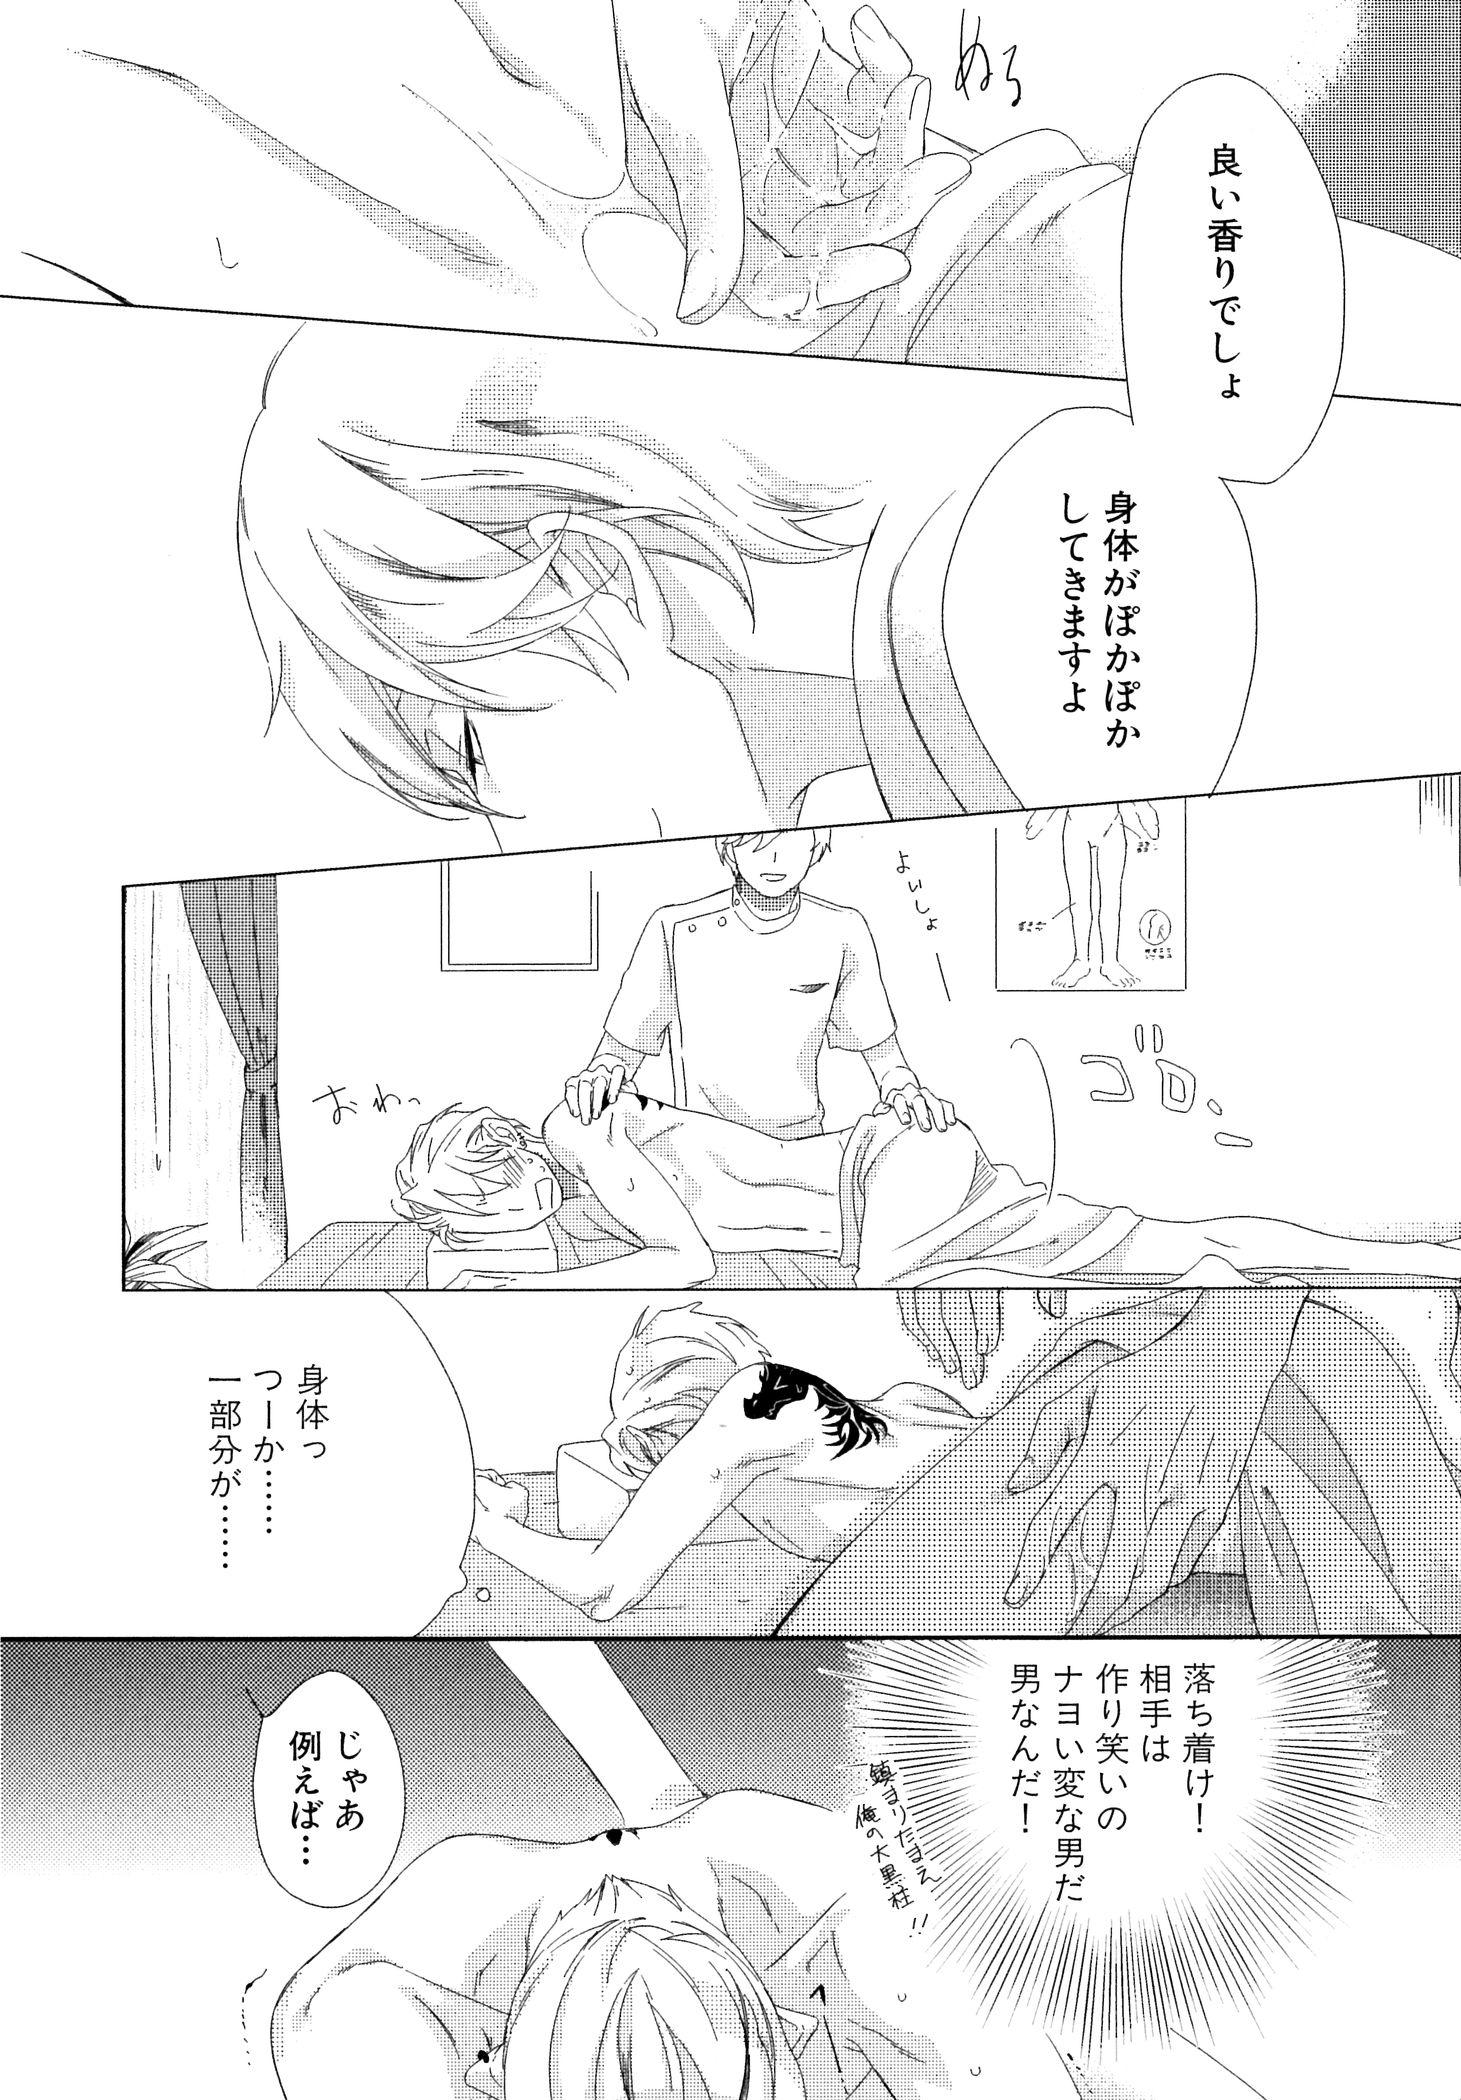 minori_no_te014